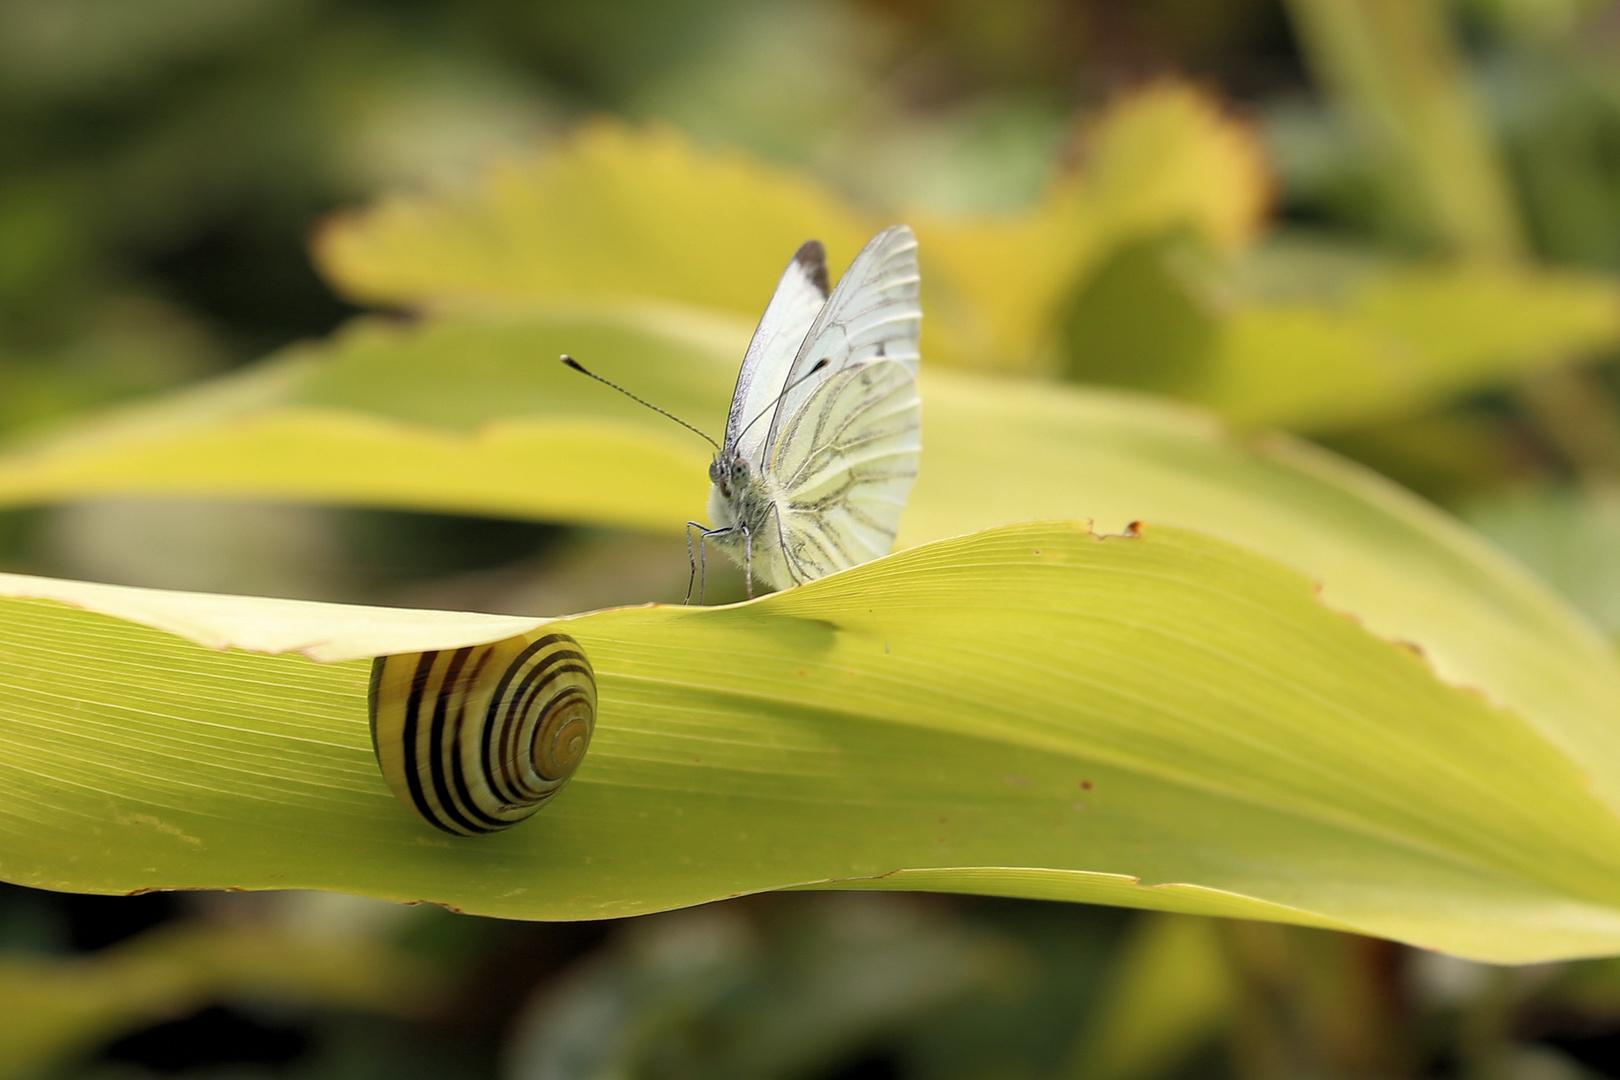 Neugier ist, wenn ein Schmetterling eine Schnecke trifft